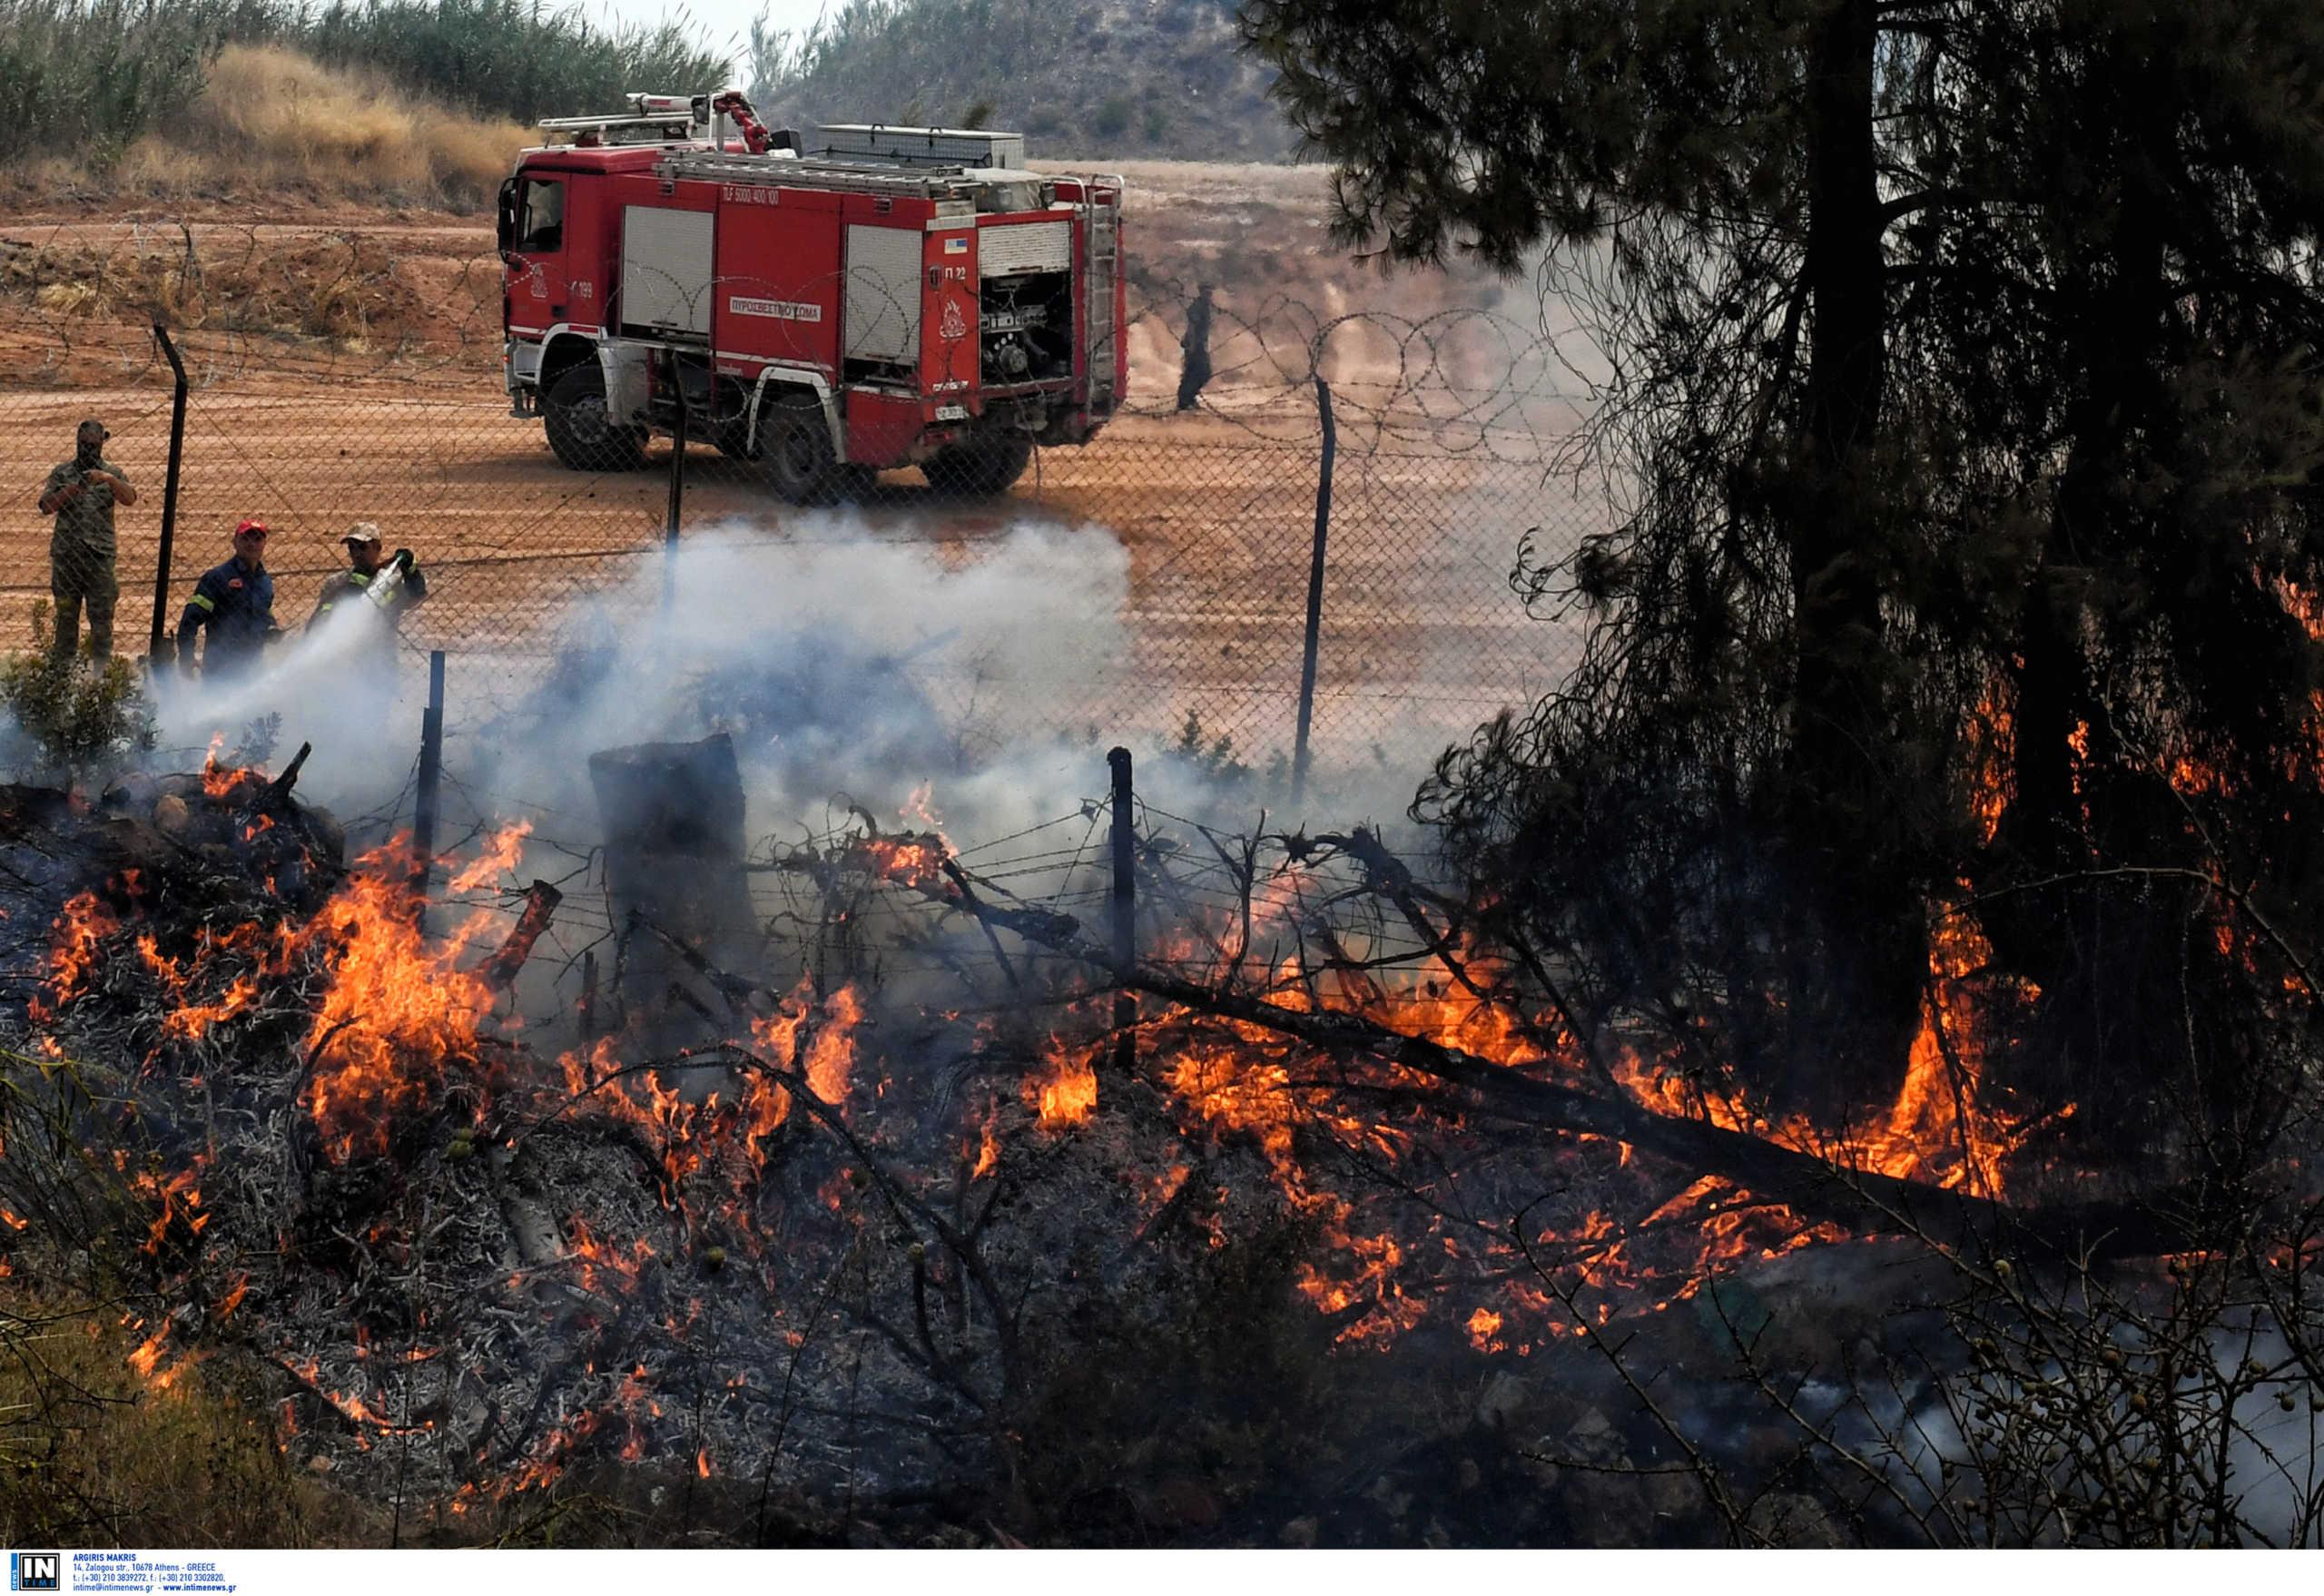 Σάπες: Σε εξέλιξη η μεγάλη πυρκαγιά – Επί τόπου ειδικό κλιμάκιο που ερευνά εμπρησμούς